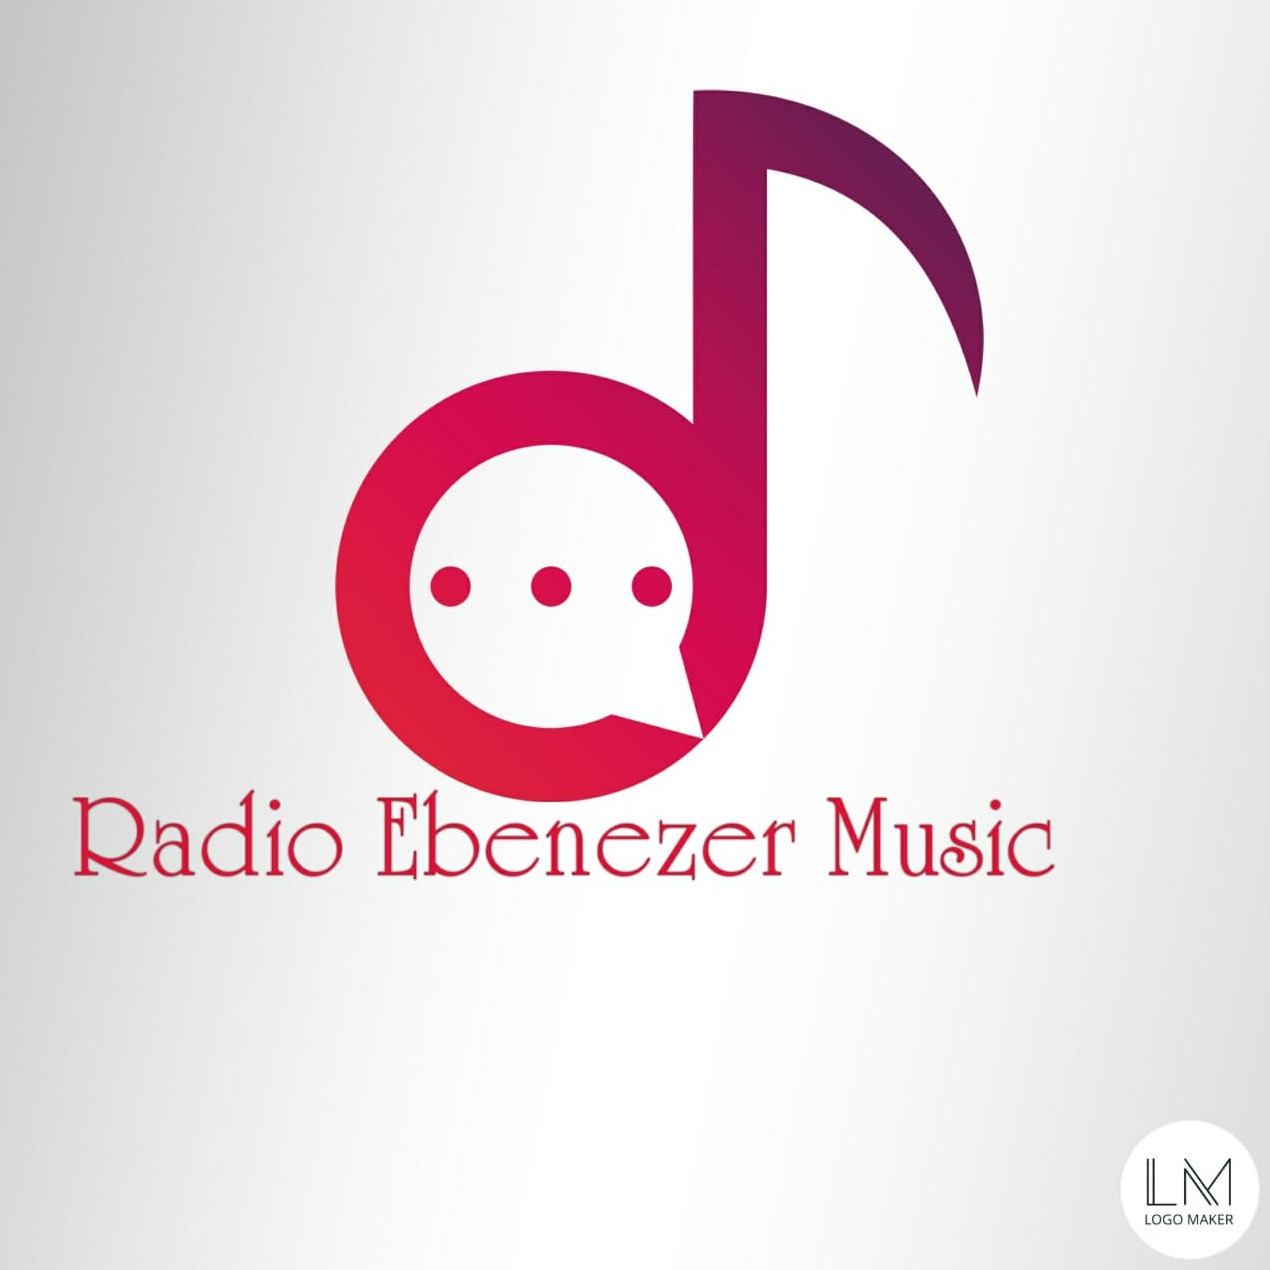 RADIO EBENEZER RD Radio Ebenezer Music (Inglés)  -  Jueves, 8:00pm | Kendy Ramírez Link Thumbnail | Linktree